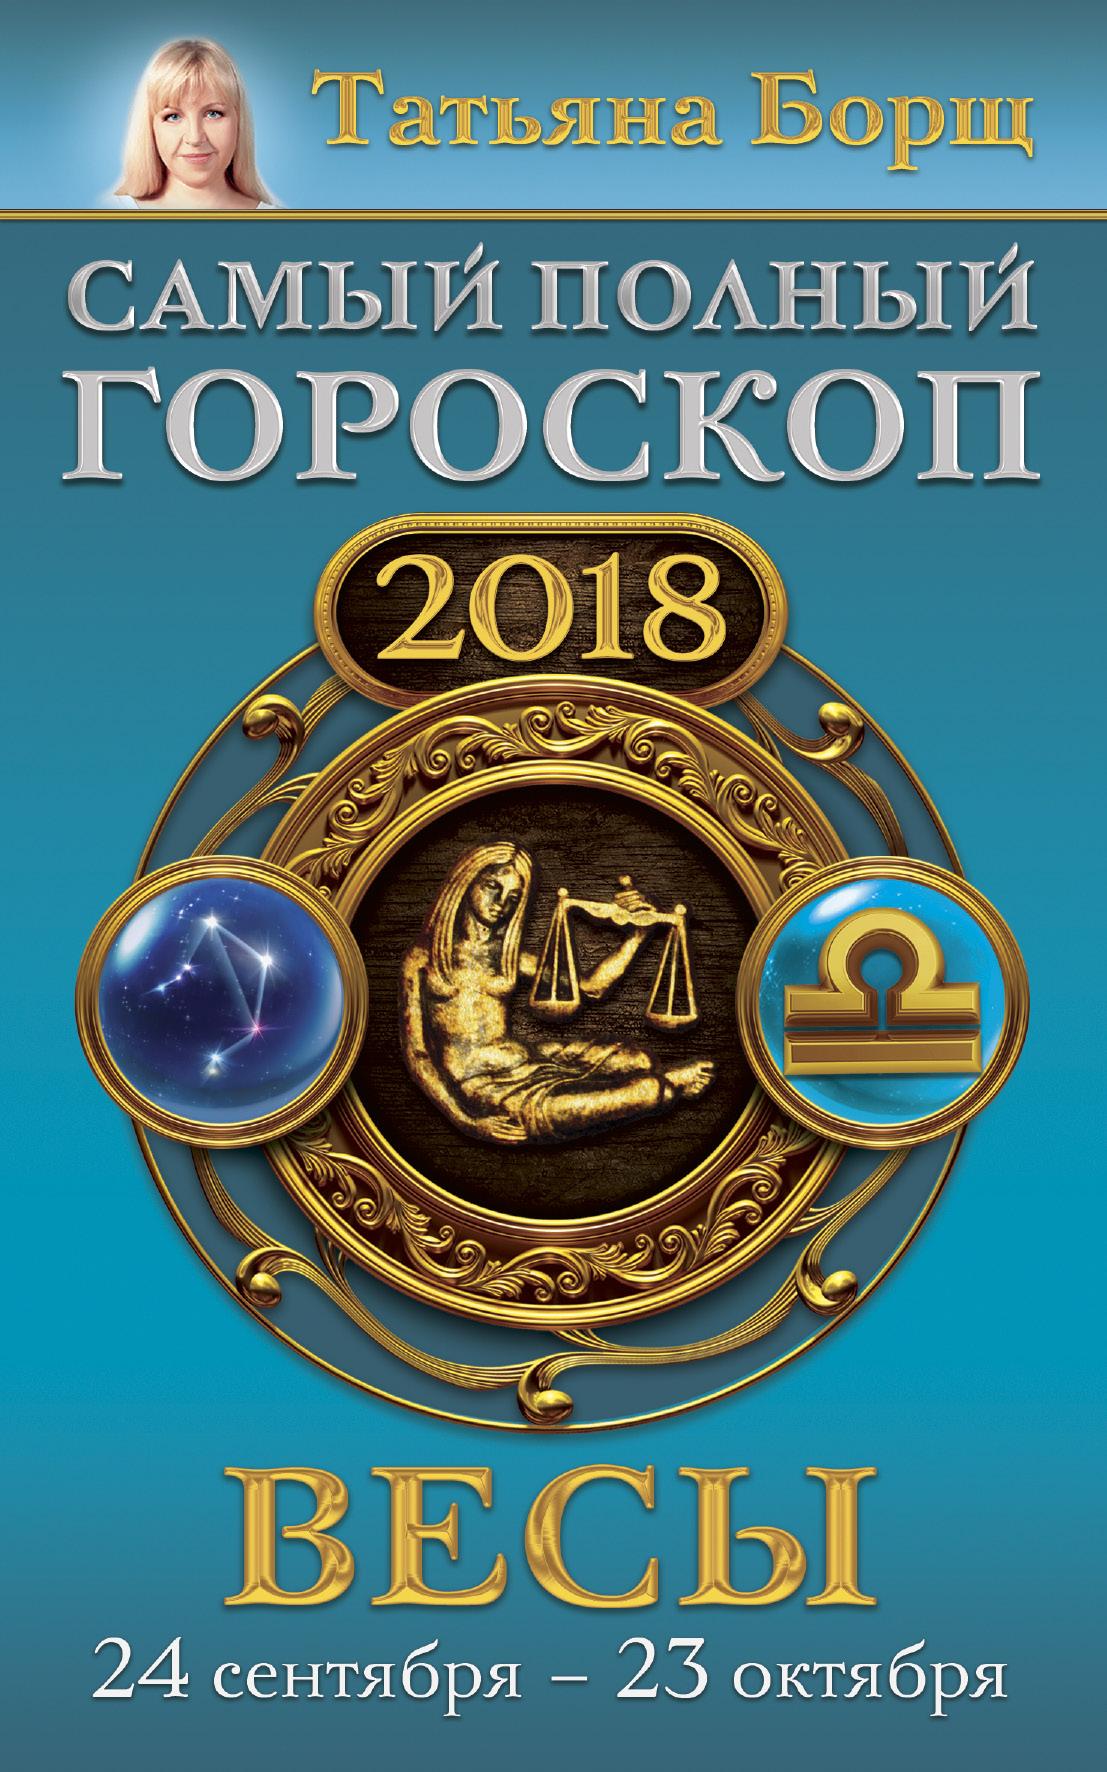 Борщ Татьяна Весы. Самый полный гороскоп на 2018 год. 24 сентября - 23 октября